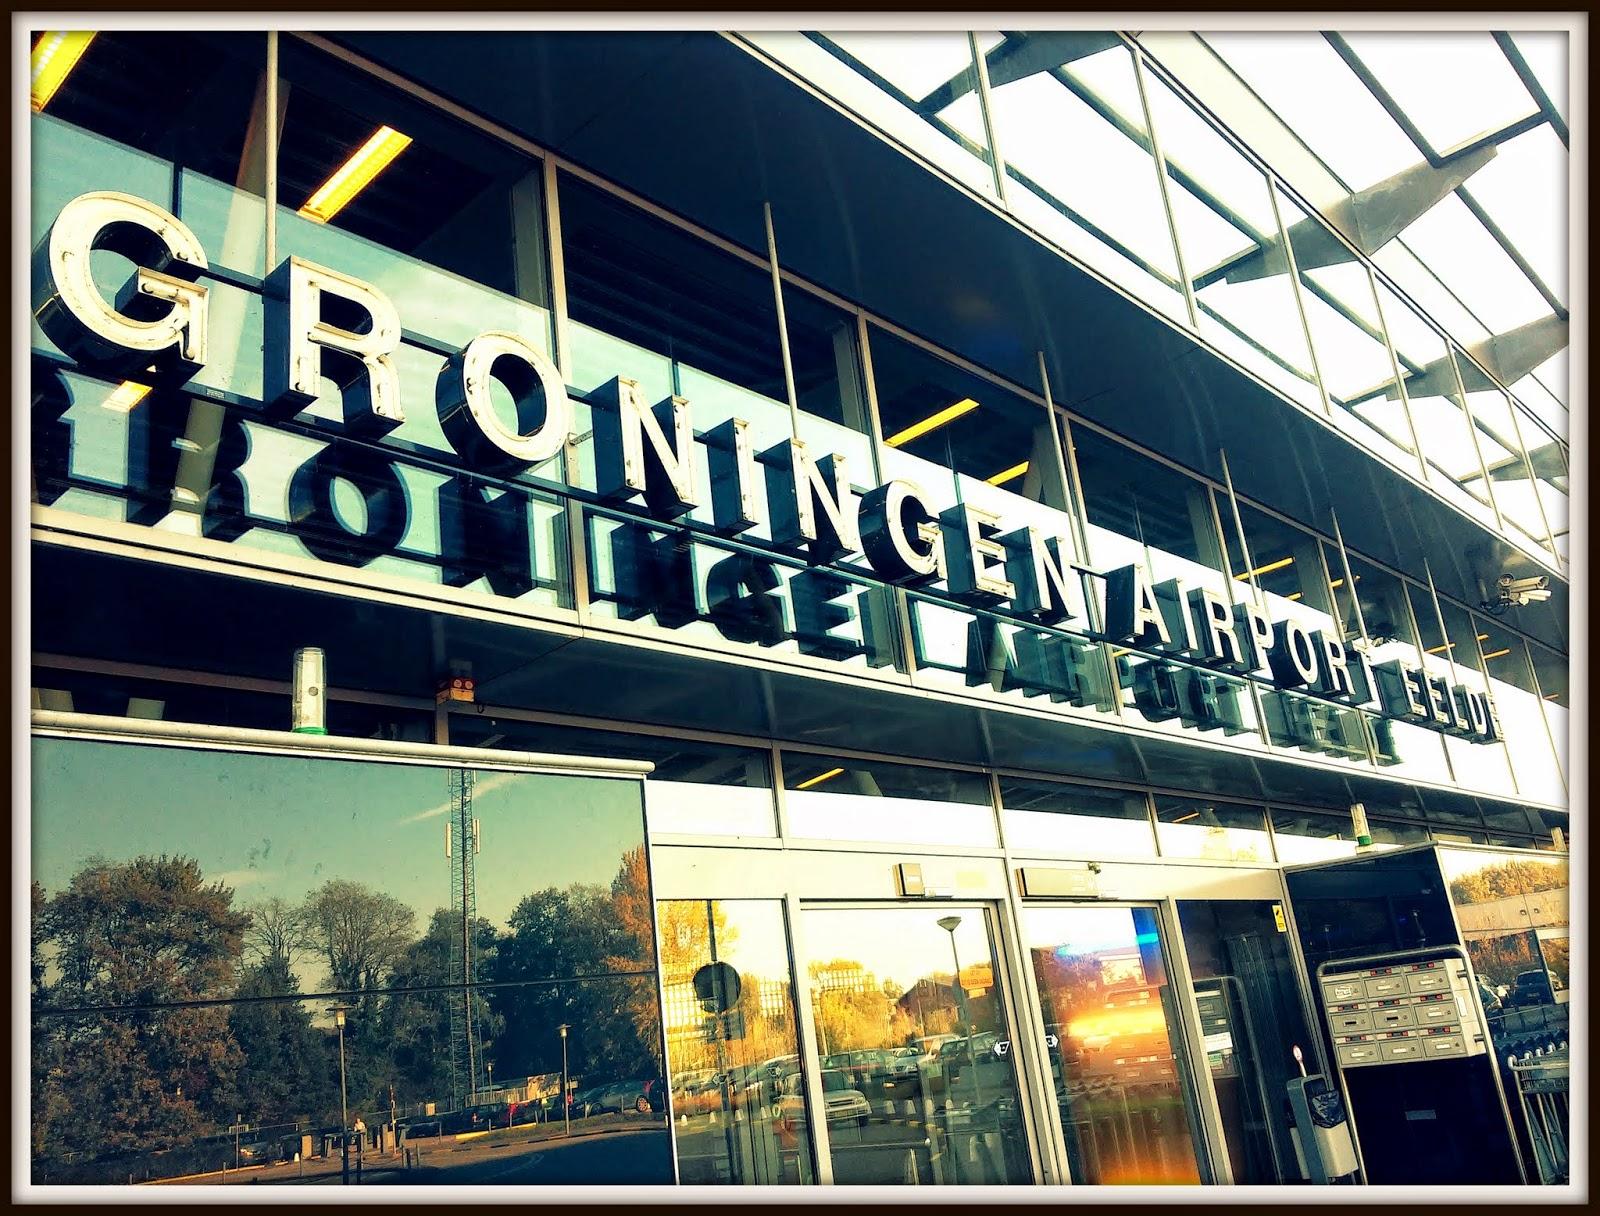 groningen airport eelde, netherlands